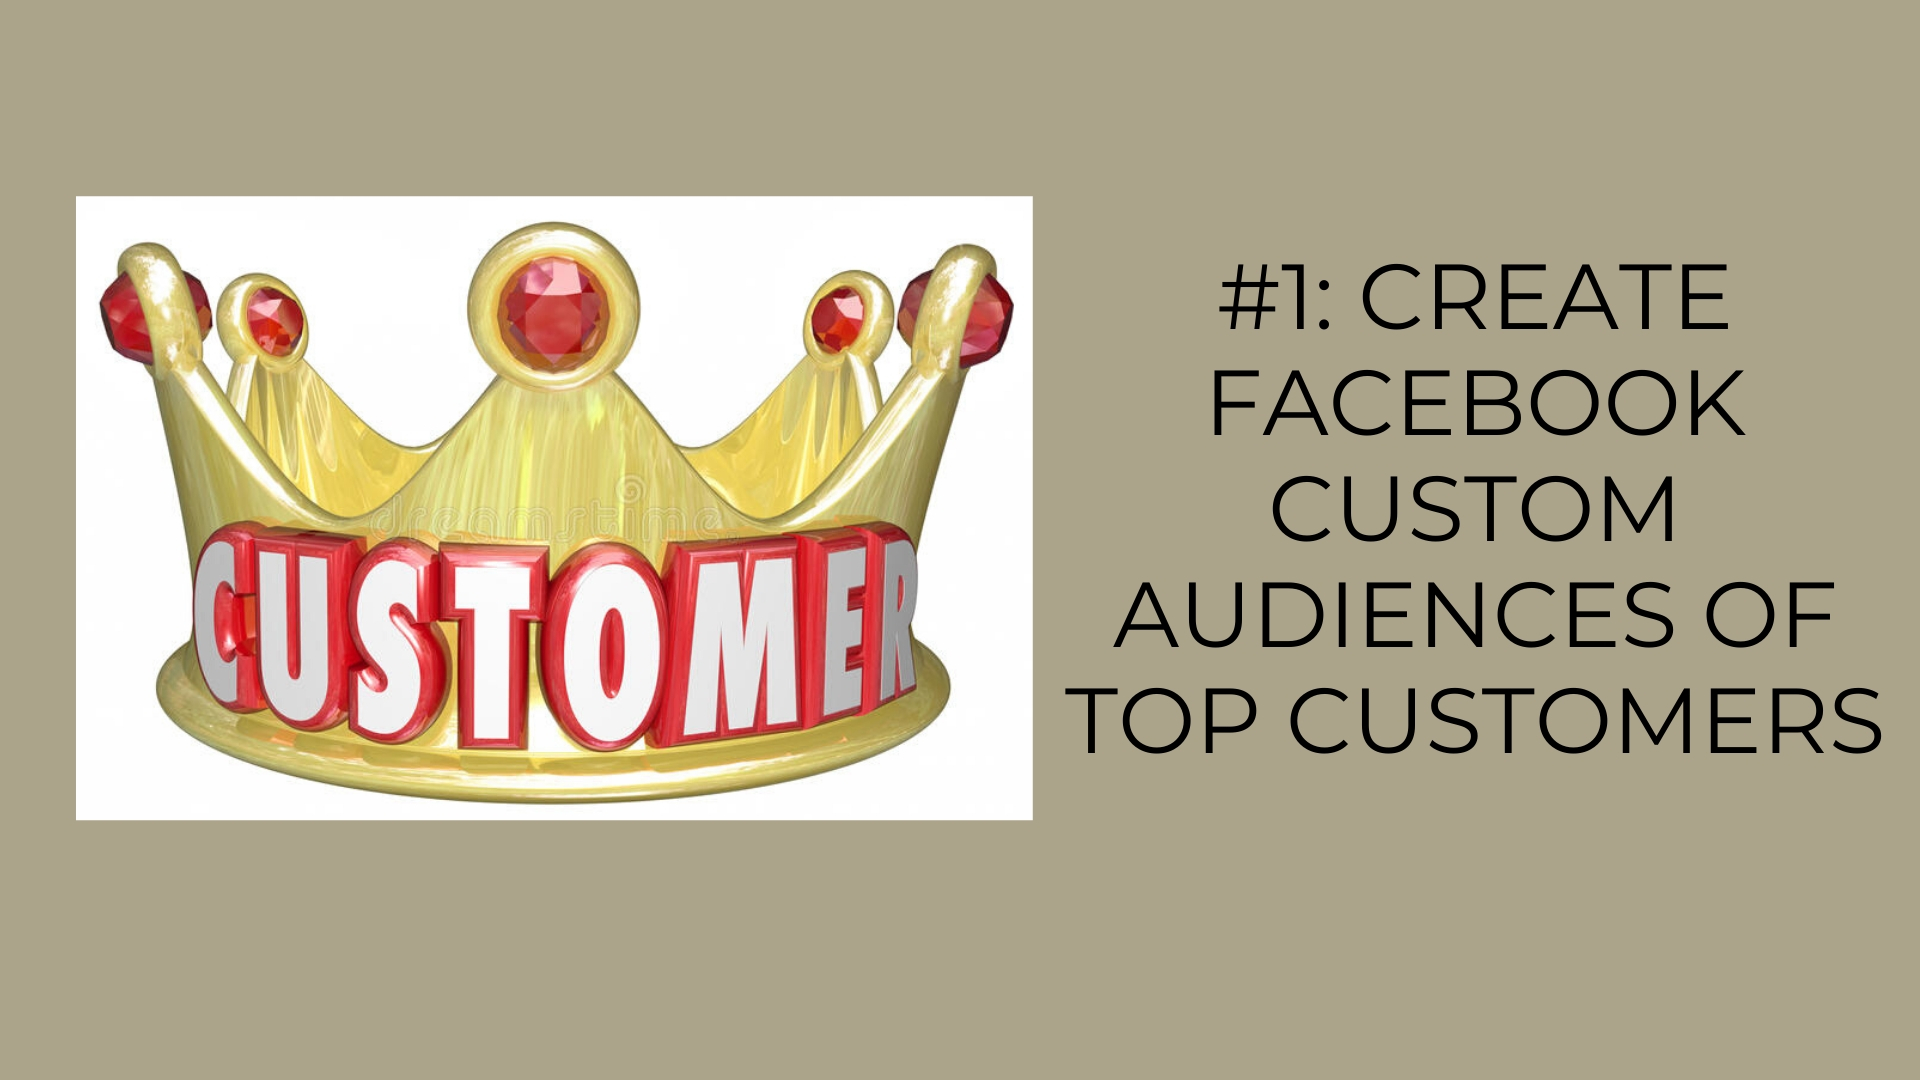 Create Facebook Custom Audiences of Top Customers